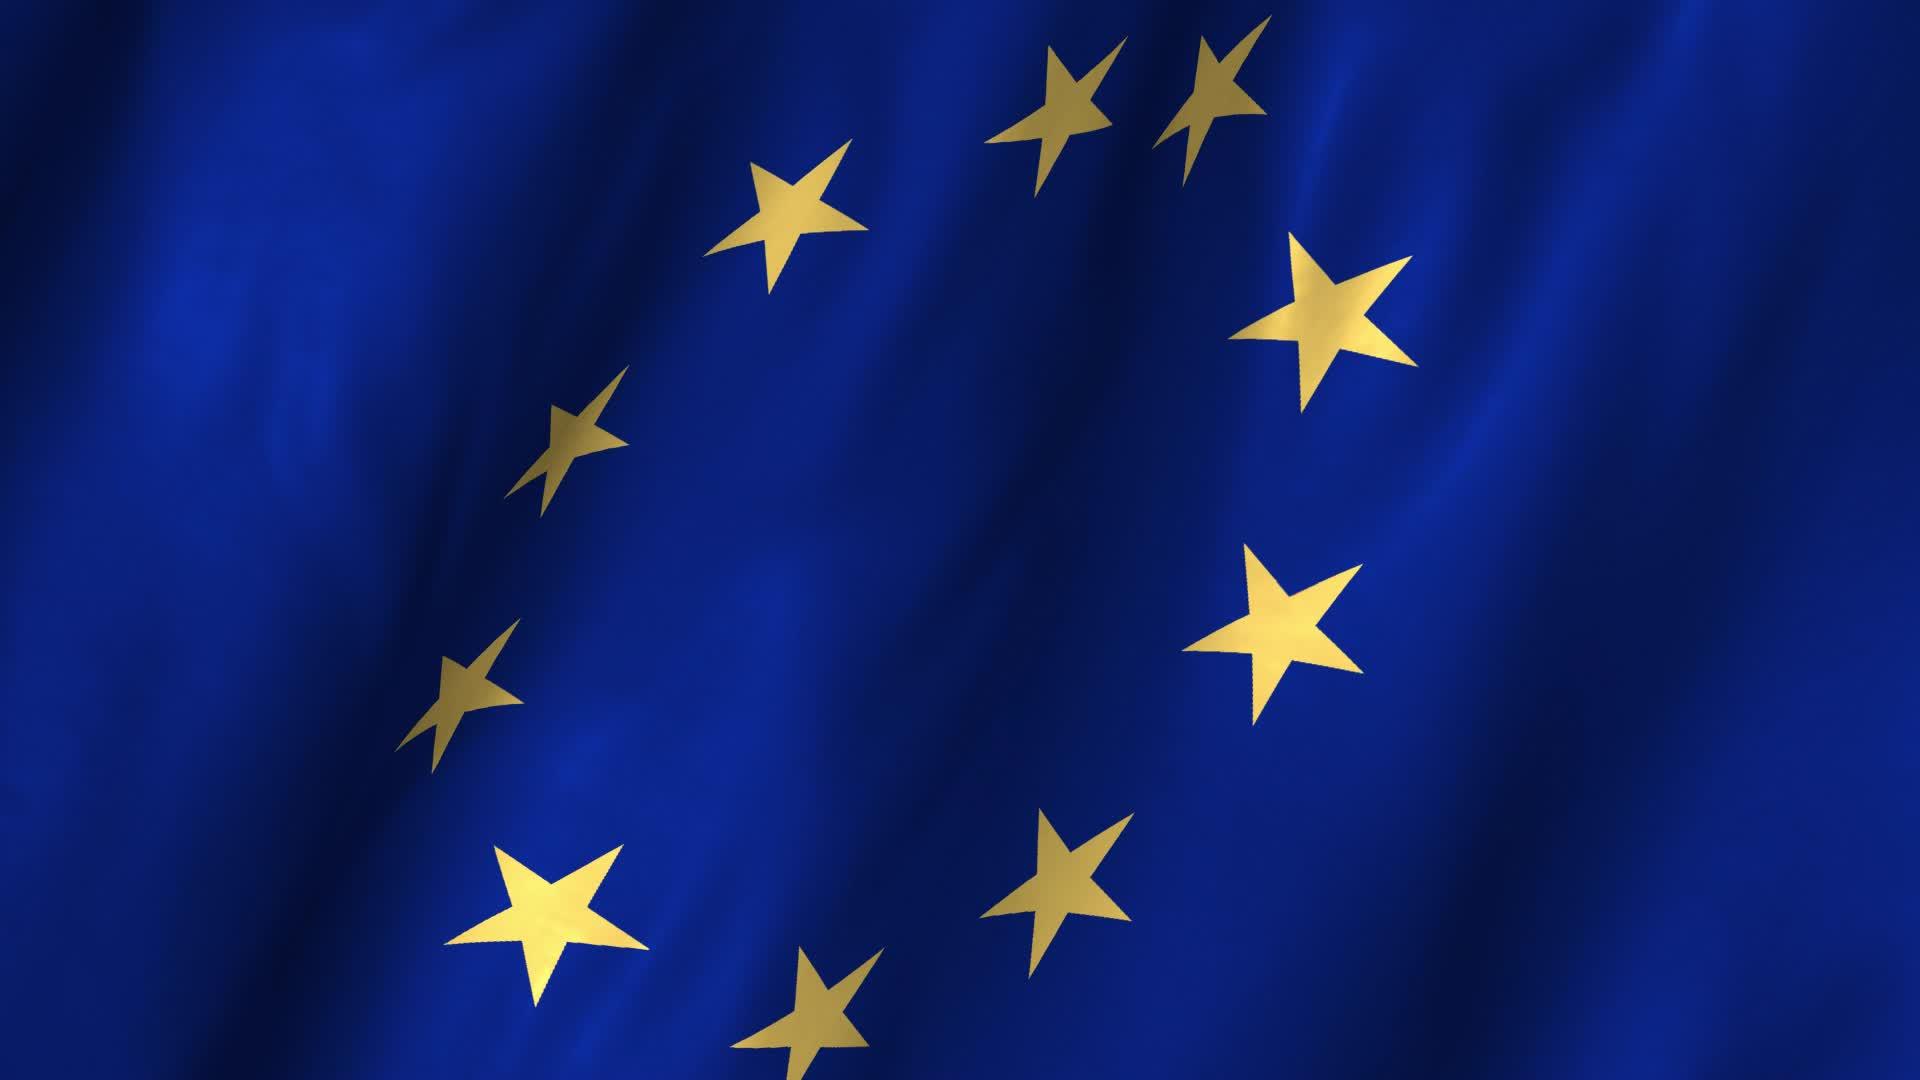 обои для рабочего стола флаг евросоюза № 389582 бесплатно